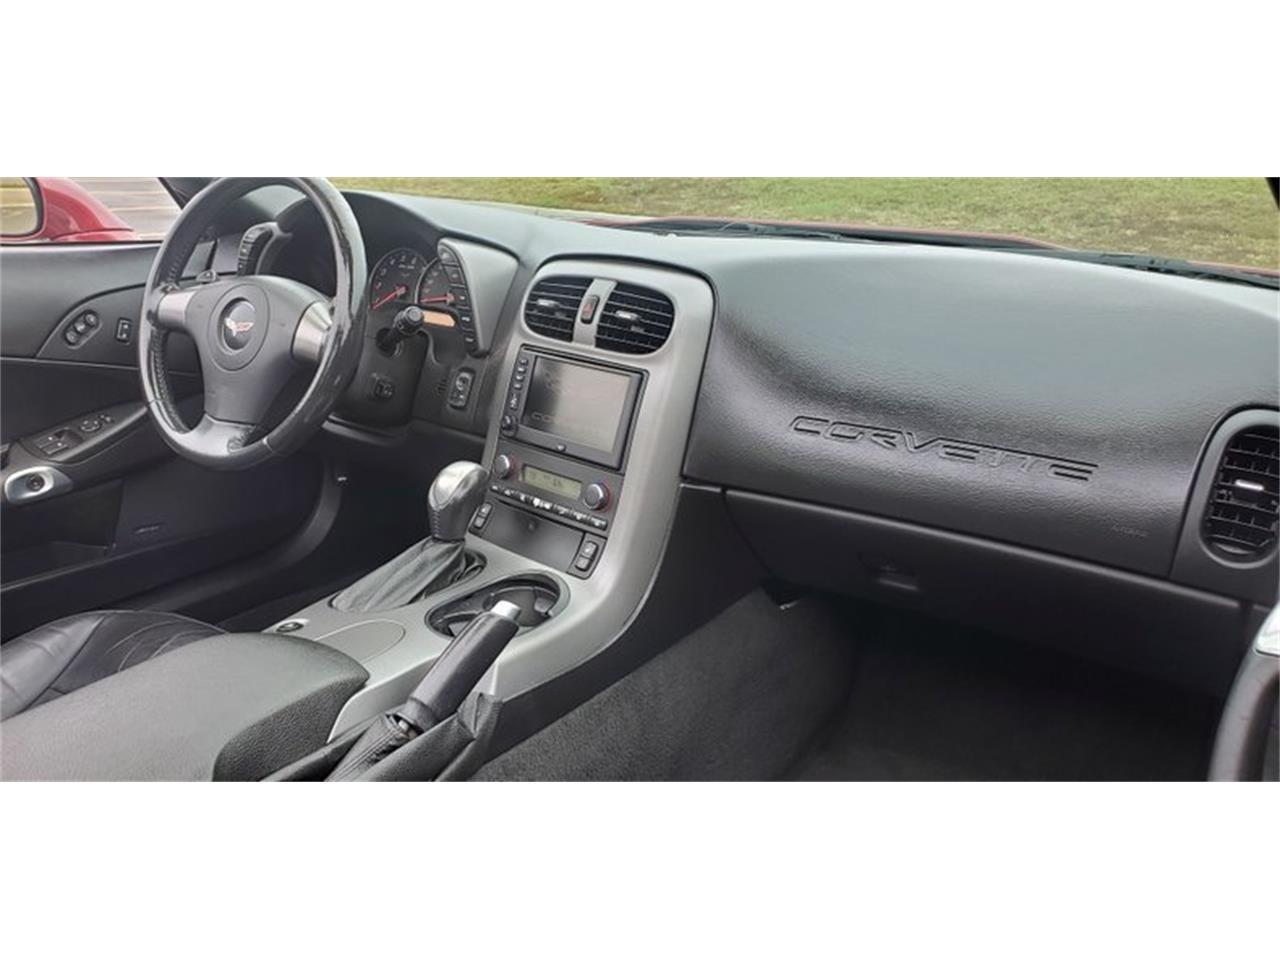 2006 Chevrolet Corvette (CC-1417269) for sale in Greensboro, North Carolina